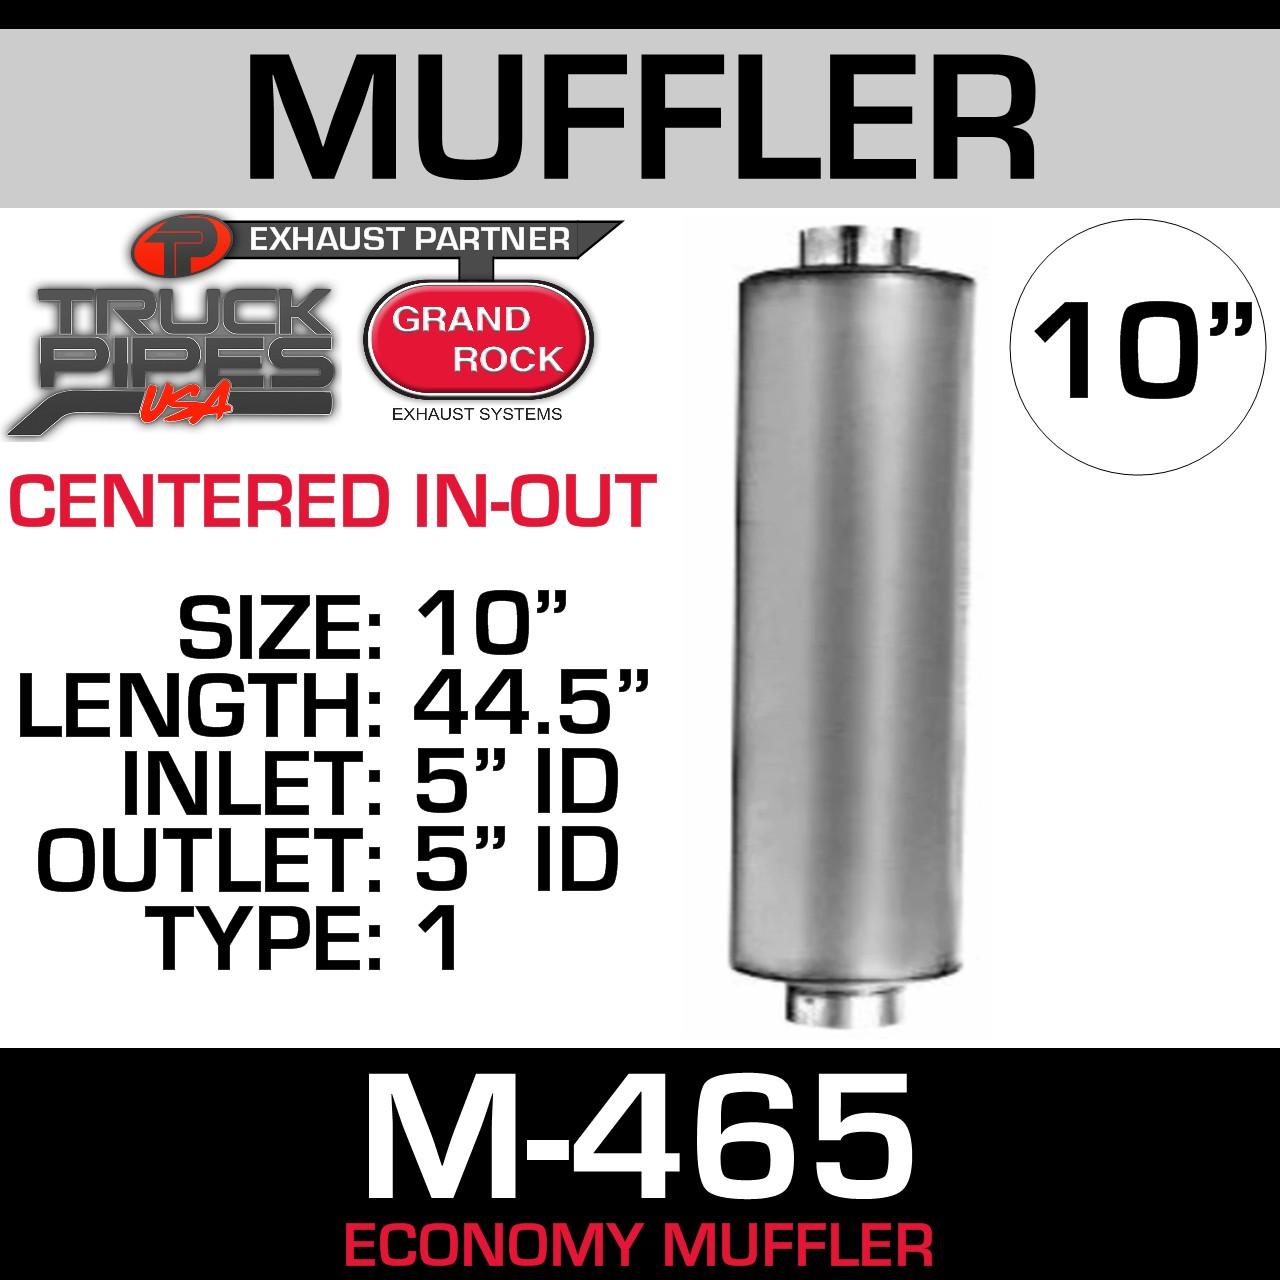 m-465-muffler-exhaust-grand-rock.jpg